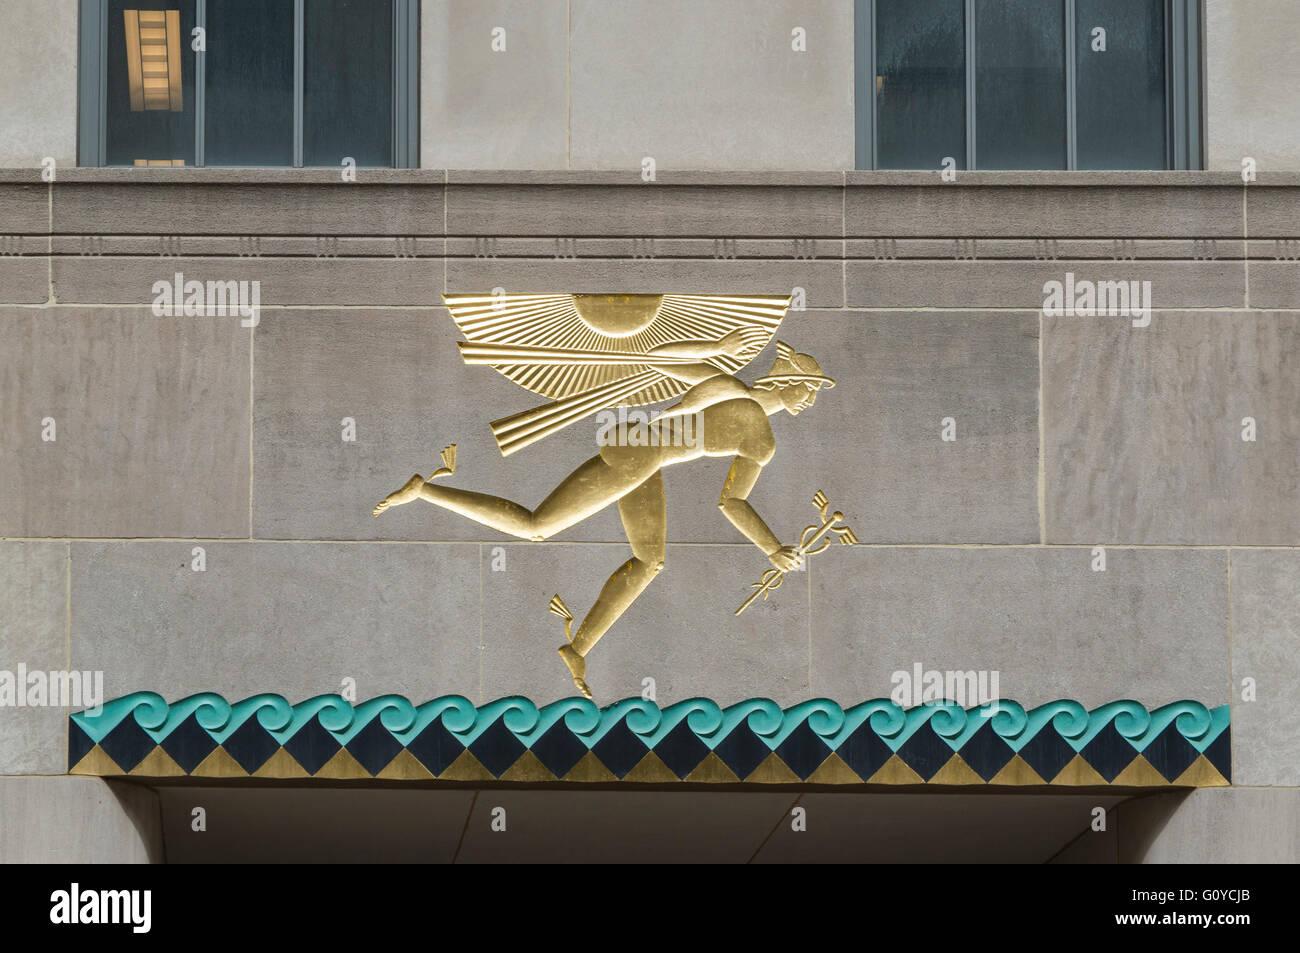 Cerca de art deco de alas de socorro el mercurio en oro y turquesa por encima de una puerta en el canal Jardines, Imagen De Stock